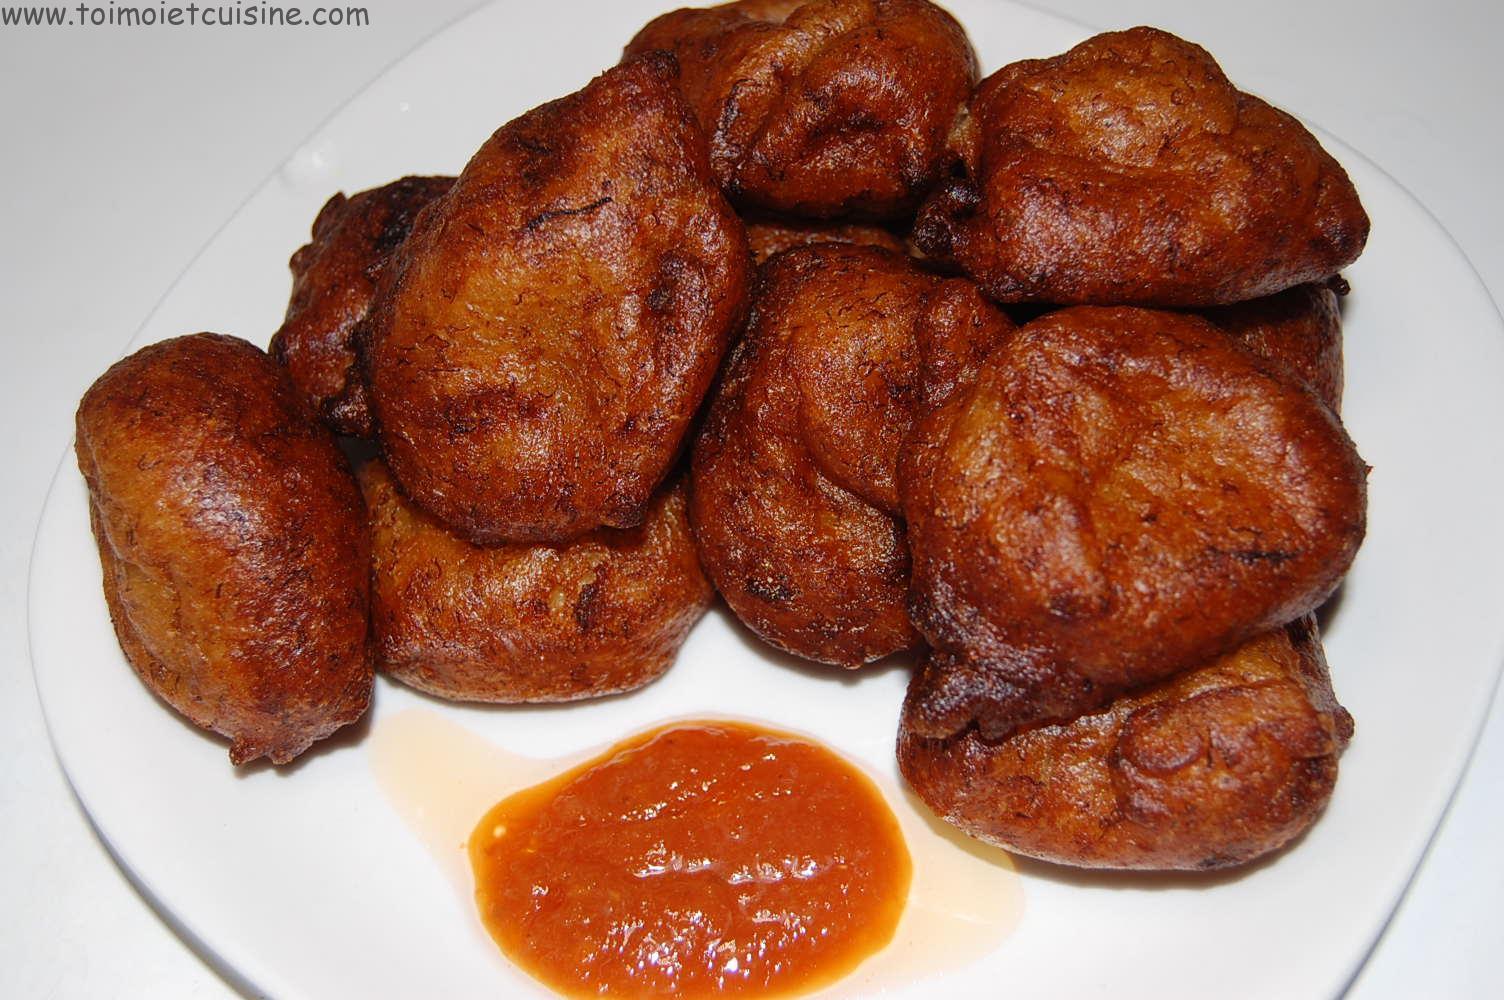 Beignet de banane toi moi cuisine - Cuisine africaine camerounaise ...